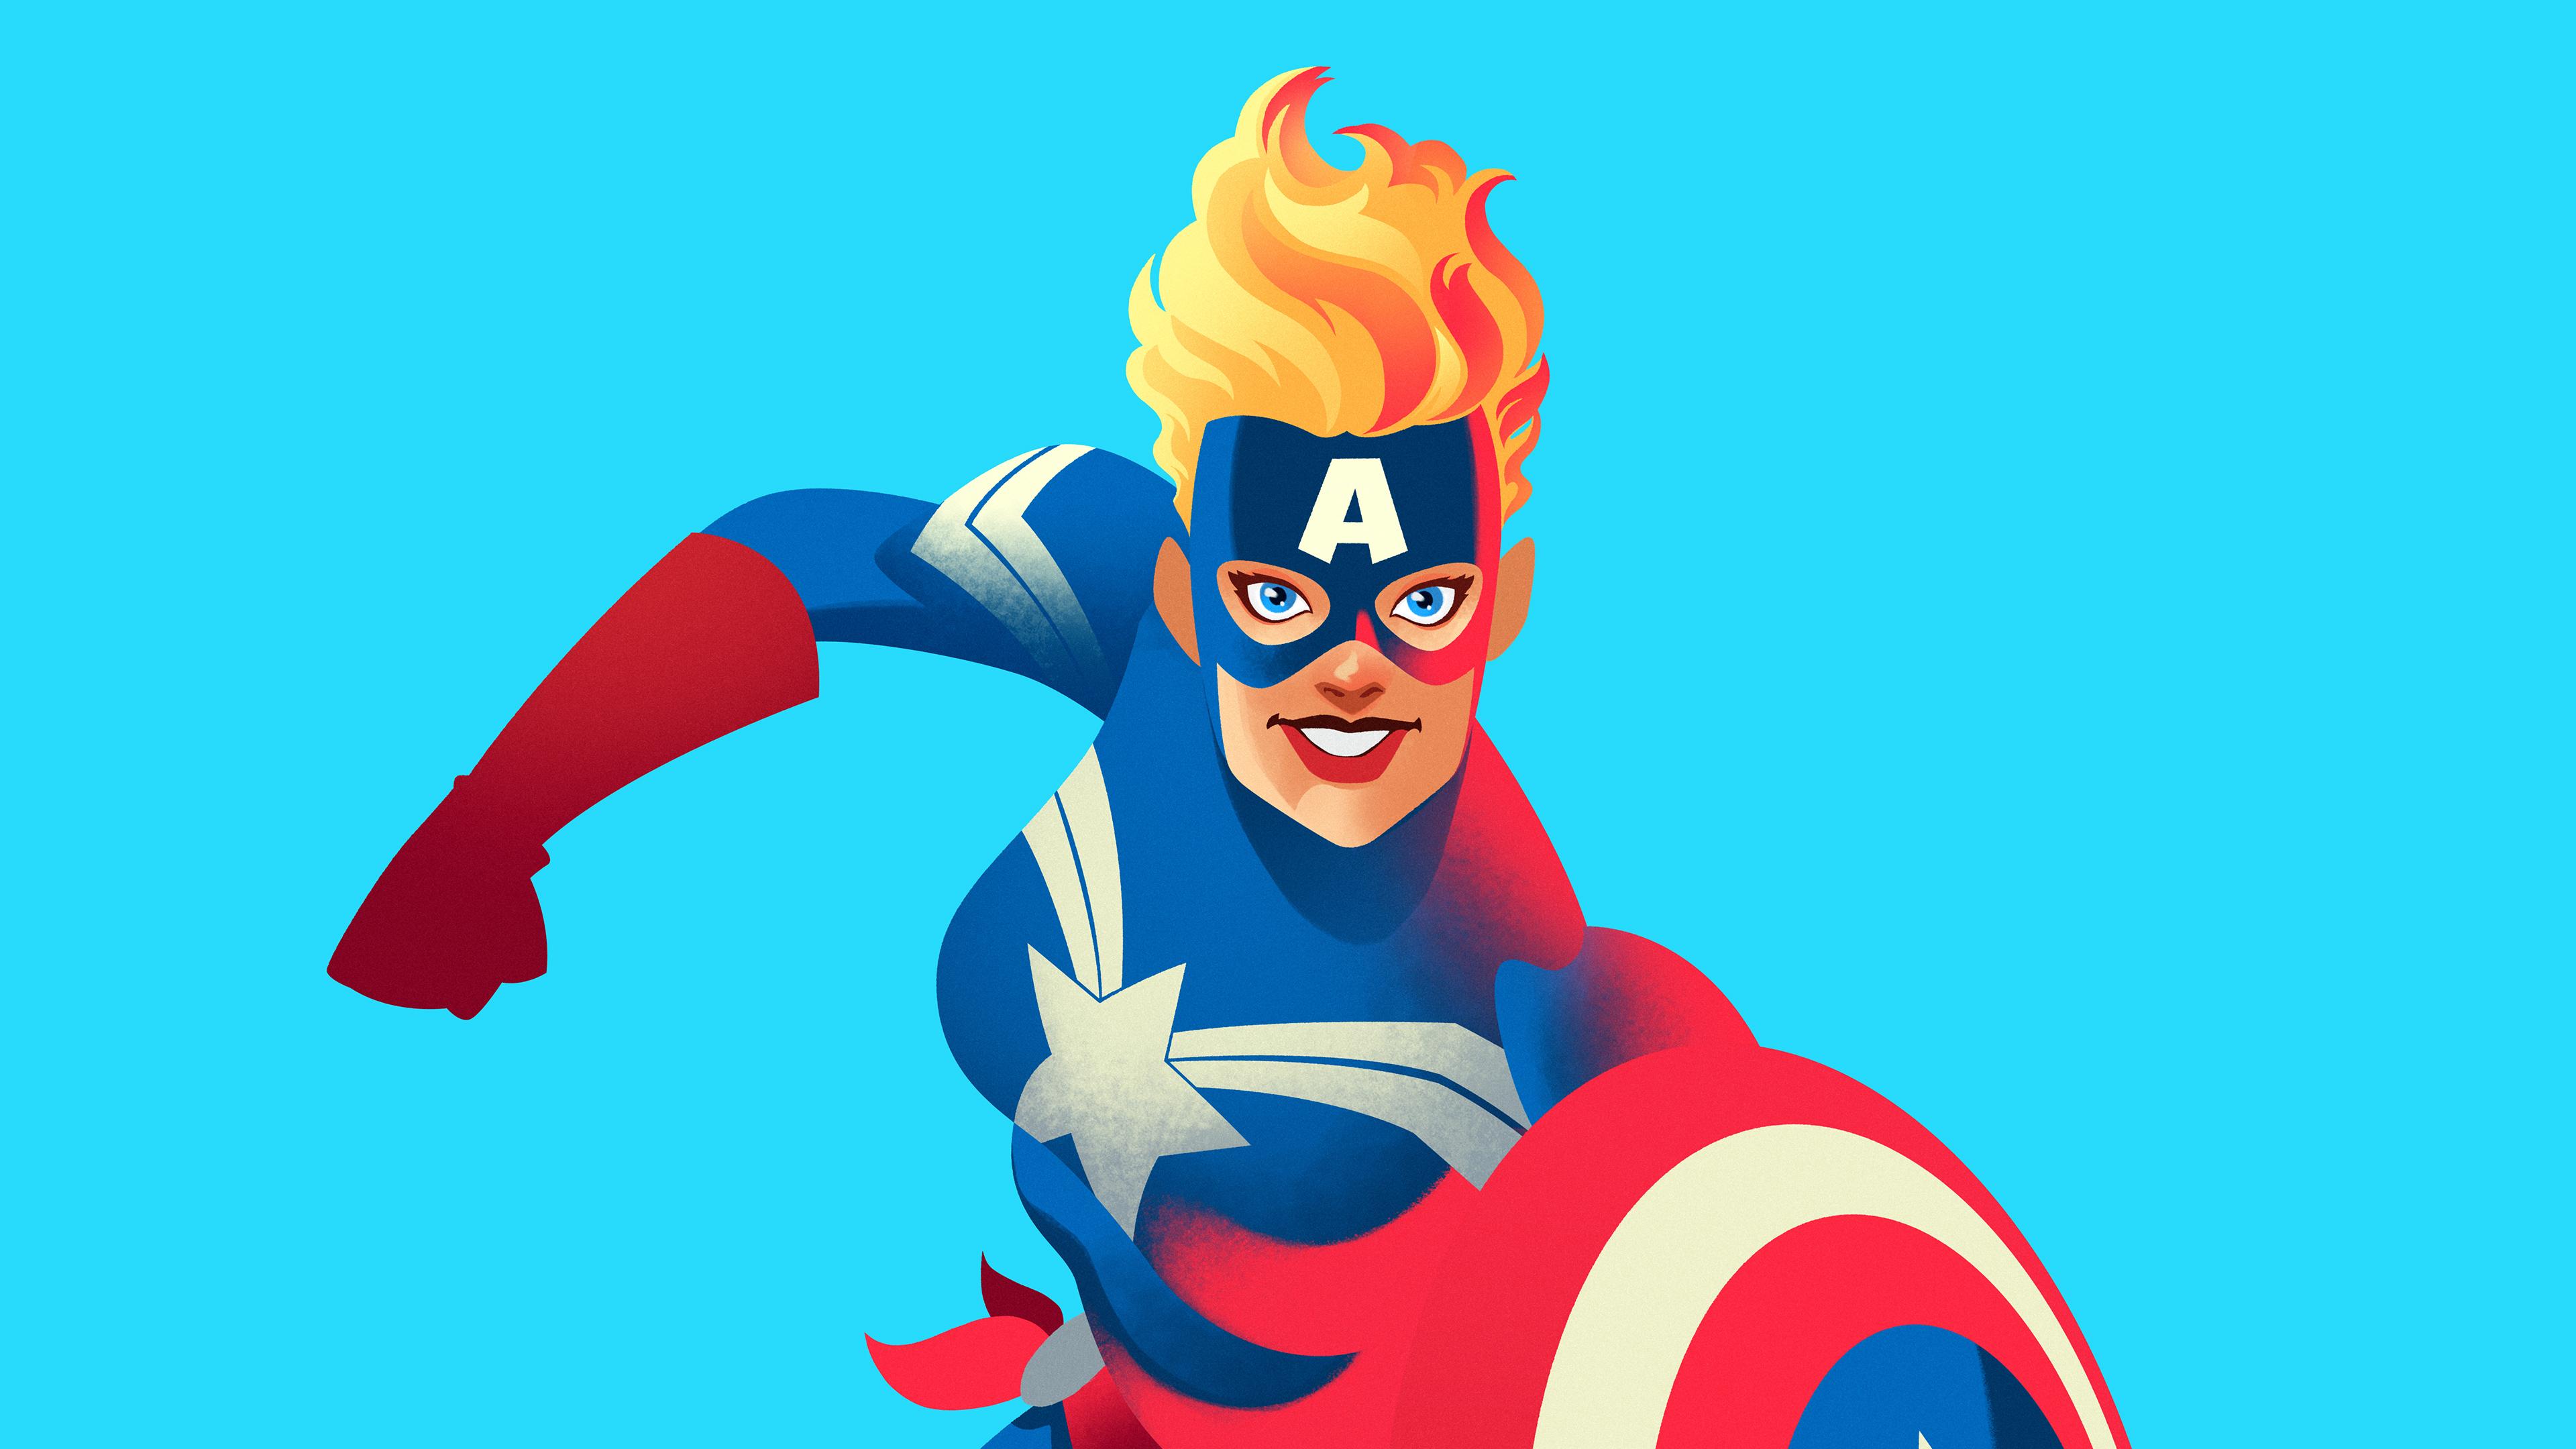 carol danvers 1539978570 - Carol Danvers - superheroes wallpapers, minimalist wallpapers, minimalism wallpapers, hd-wallpapers, carol danvers wallpapers, captain marvel wallpapers, behance wallpapers, 4k-wallpapers